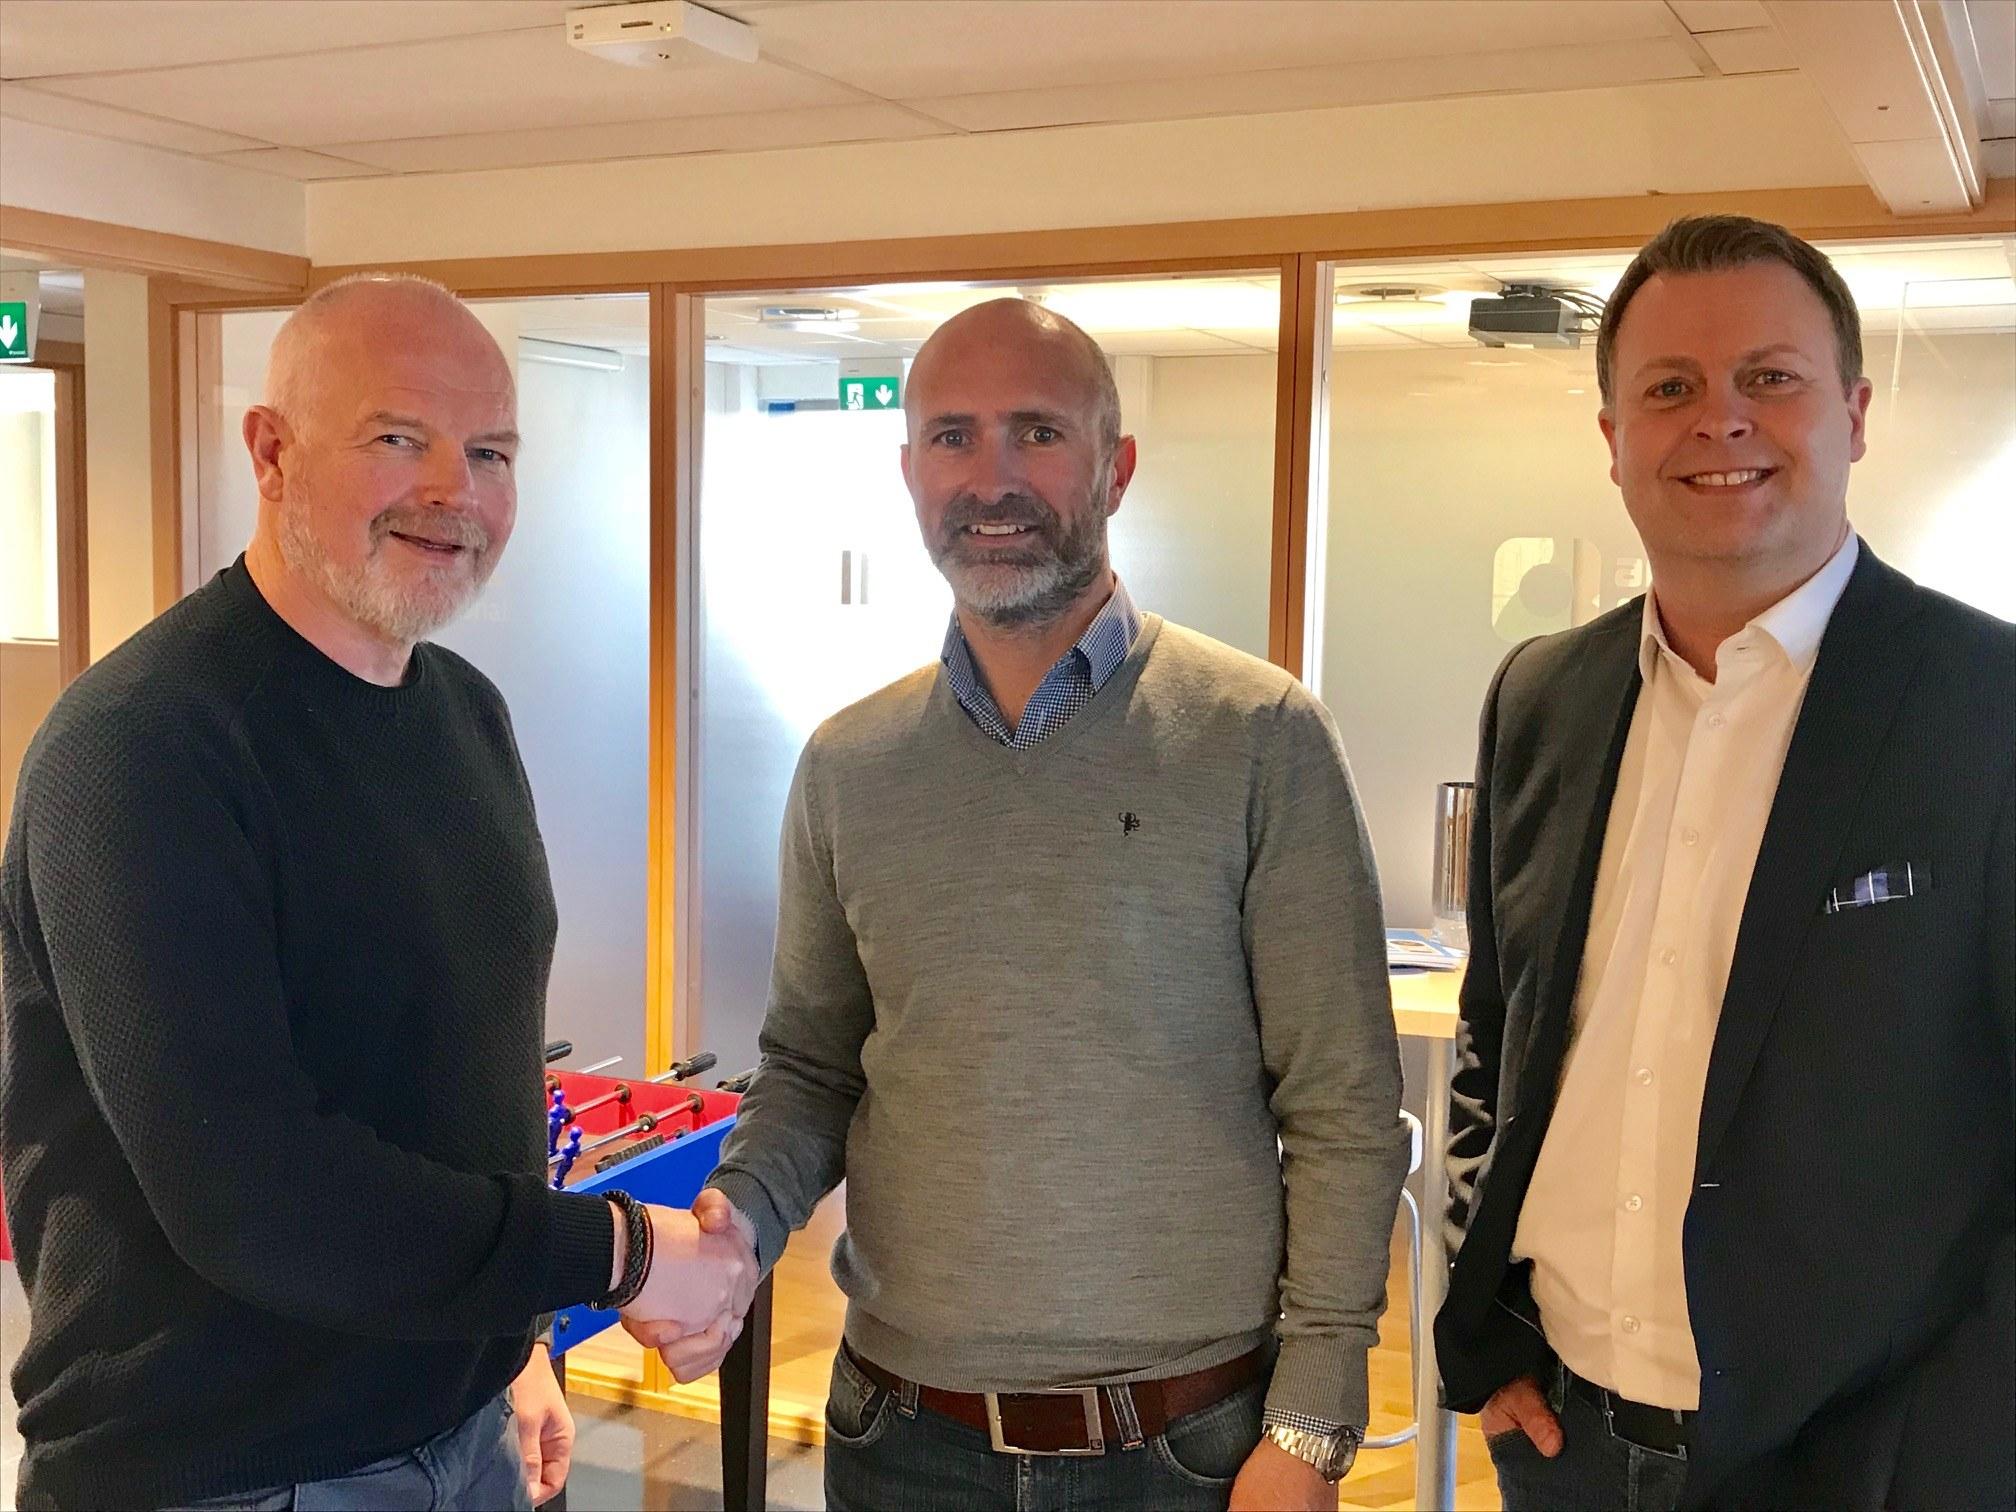 Arvid Brandmo, Fagansvarlig Rekruttering – Geir Egil Nordang, Prosjektdirektør Peritus Entreprenør AS håndhilser over samarbeid, Trond Stensbøl fra IMPACT er også med i bildet.